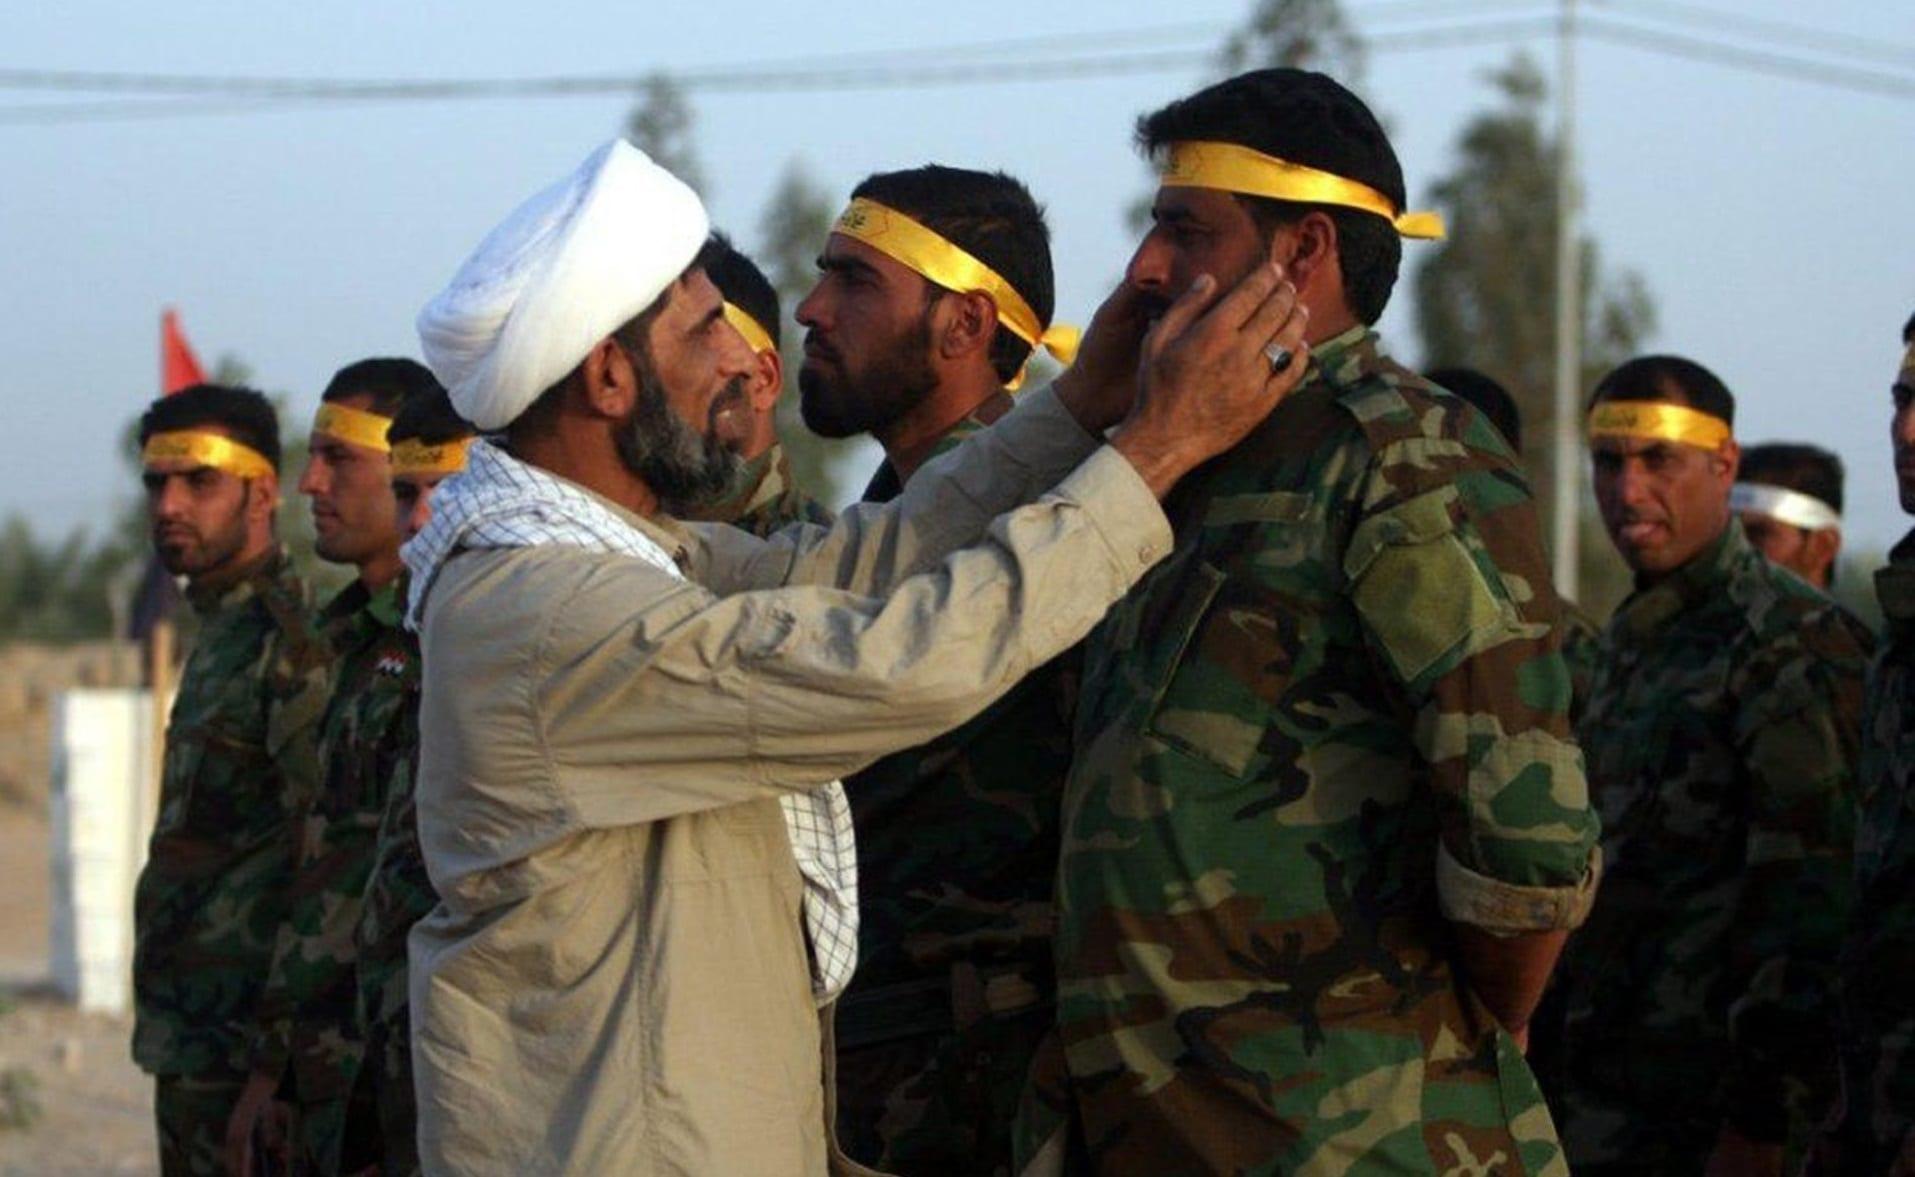 """«الحرس الثوري» يتمدّد بريف """"دير الزور"""" ويستغلّ شبان المنطقة بتطويعهم في مهامٍ خطيرة"""